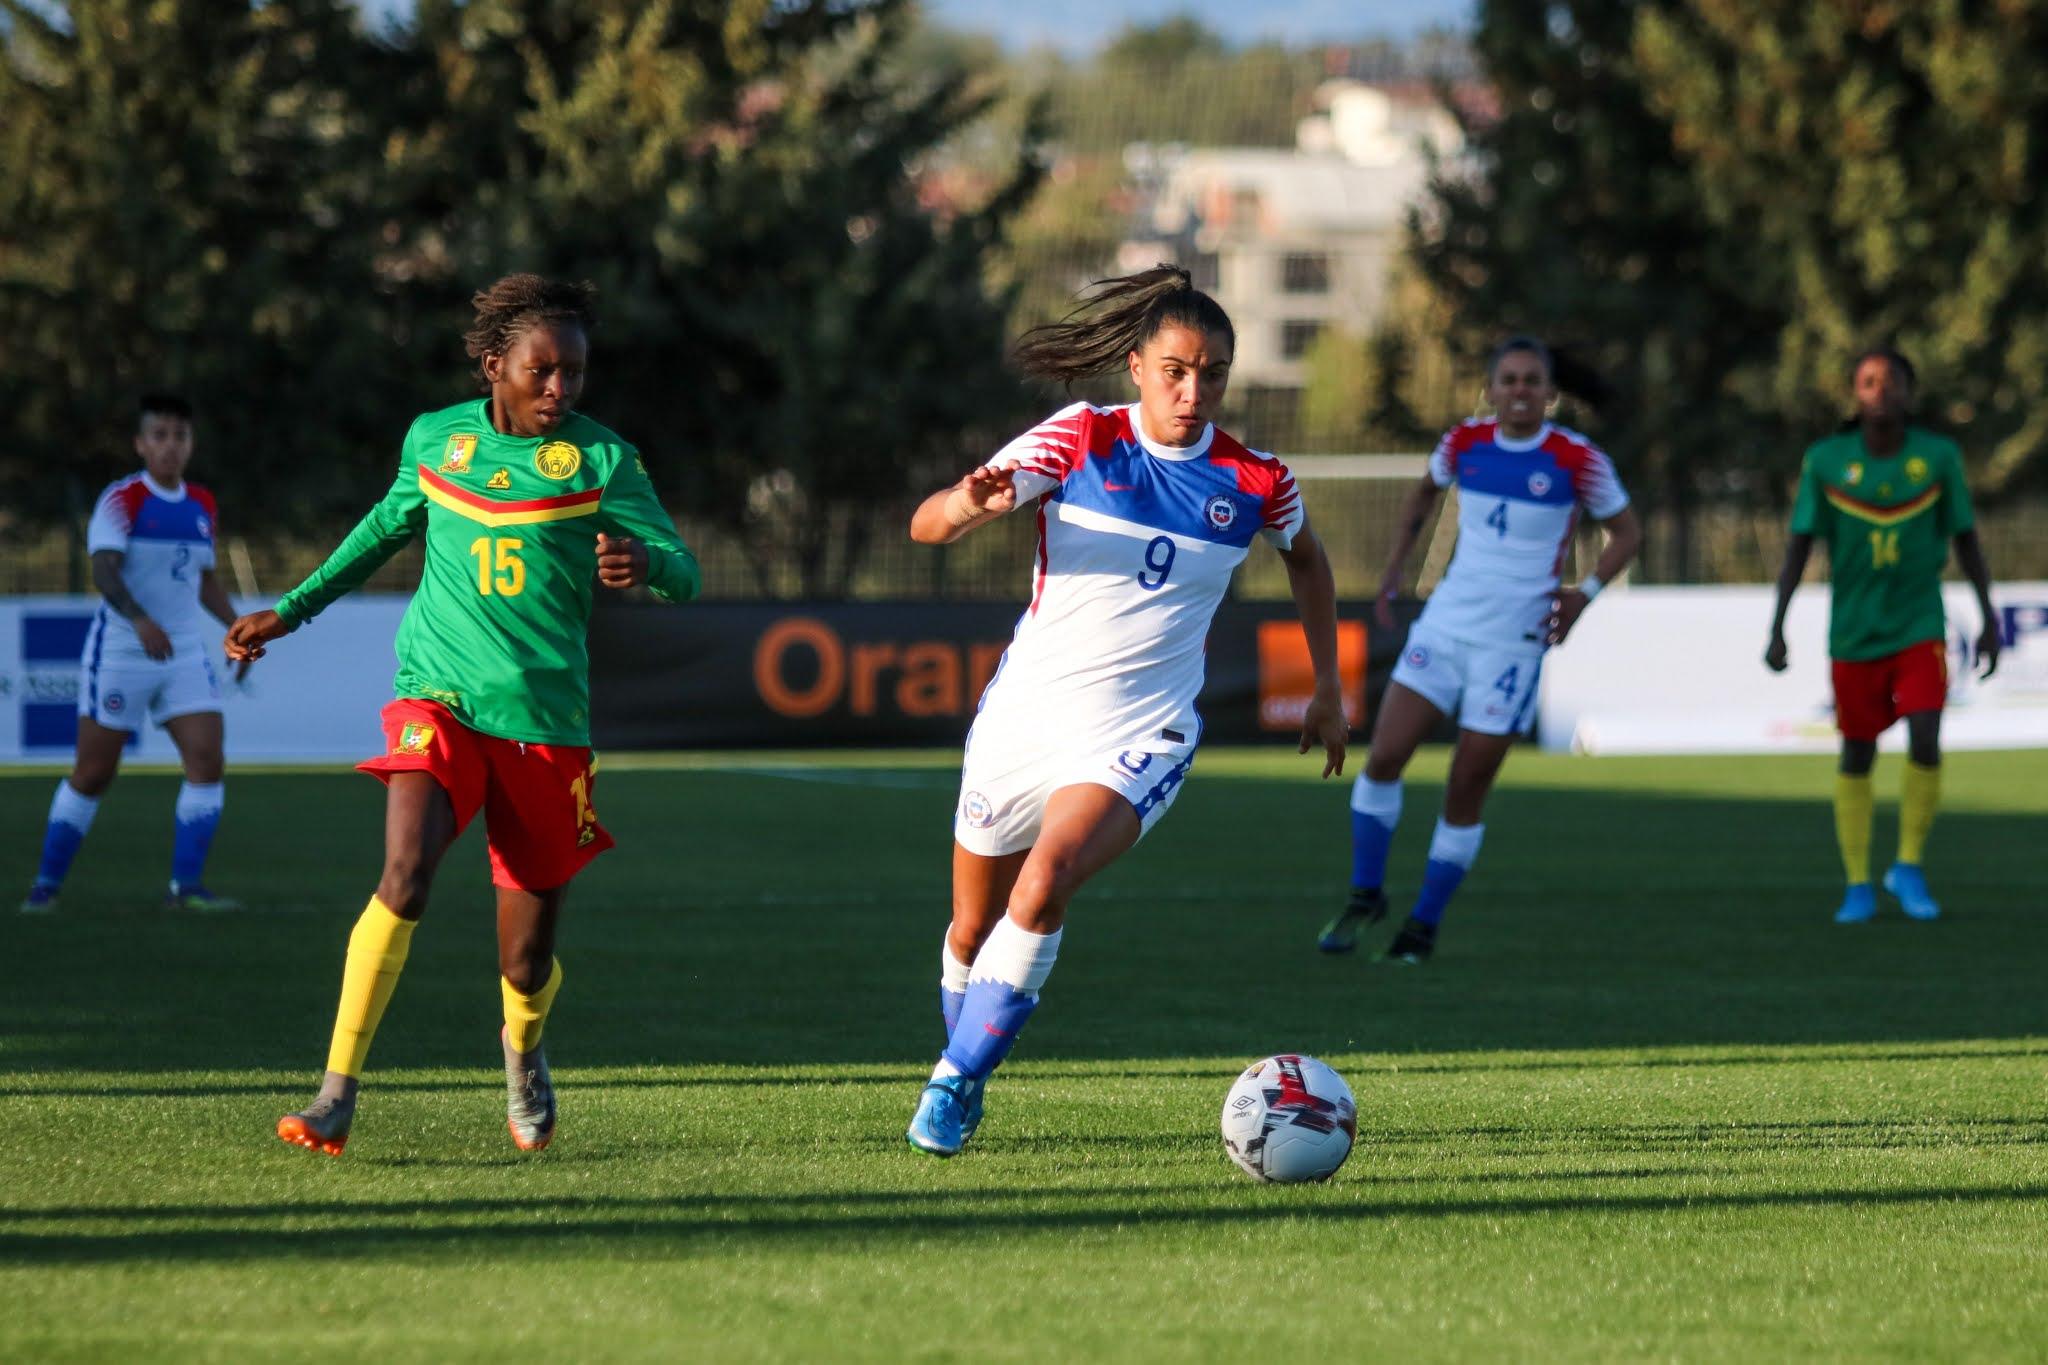 Camerún y Chile en repechaje intercontinental a Juegos Olímpicos de Tokio 2020, 10 de abril de 2021